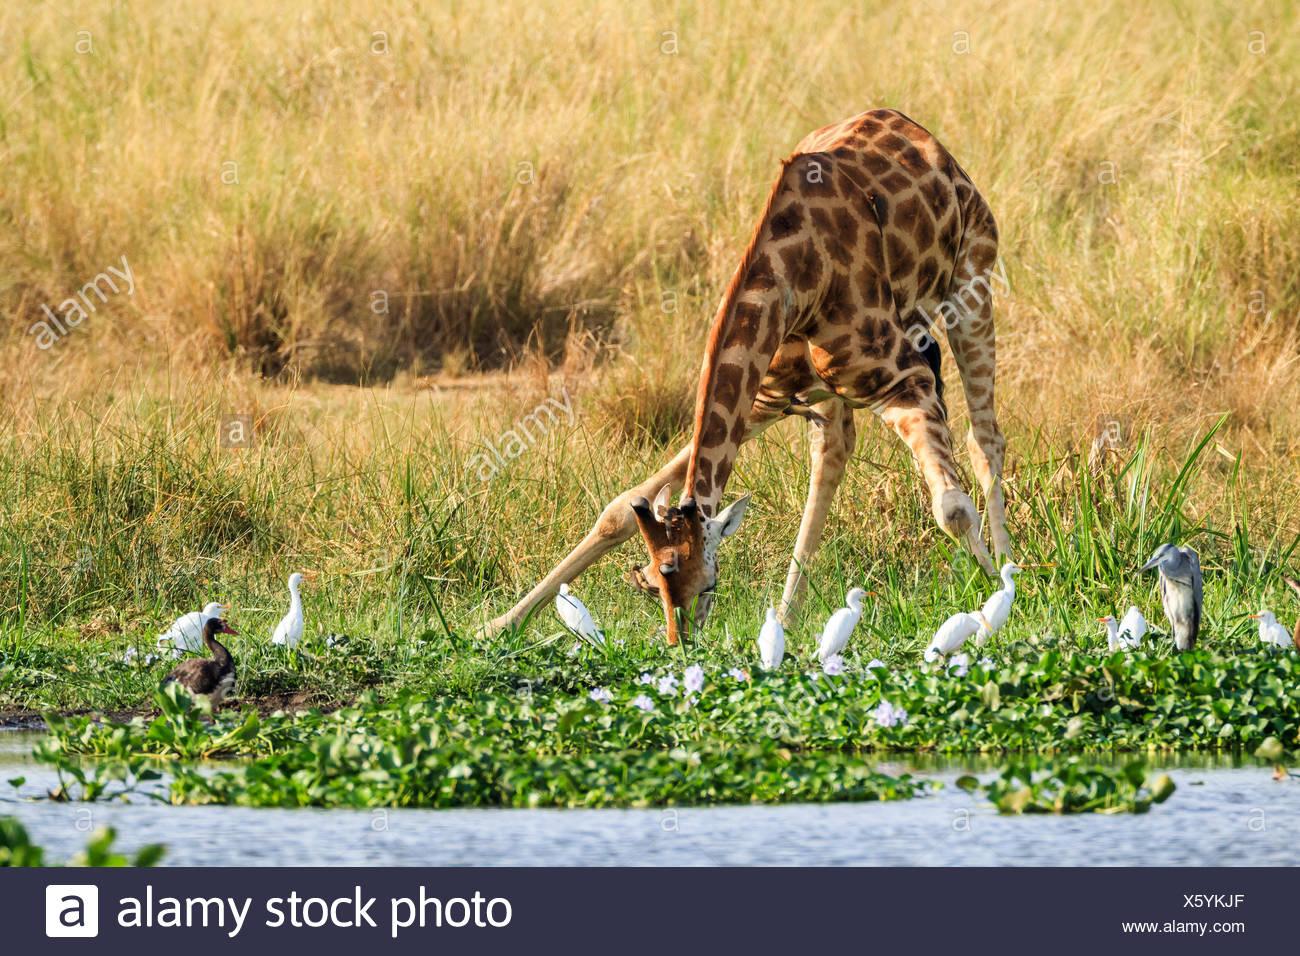 Ein Rothschild Giraffe, Giraffe Giraffa Rothschildi, Getränke an den Rand des Wassers umgeben von Wasservögeln. Stockbild